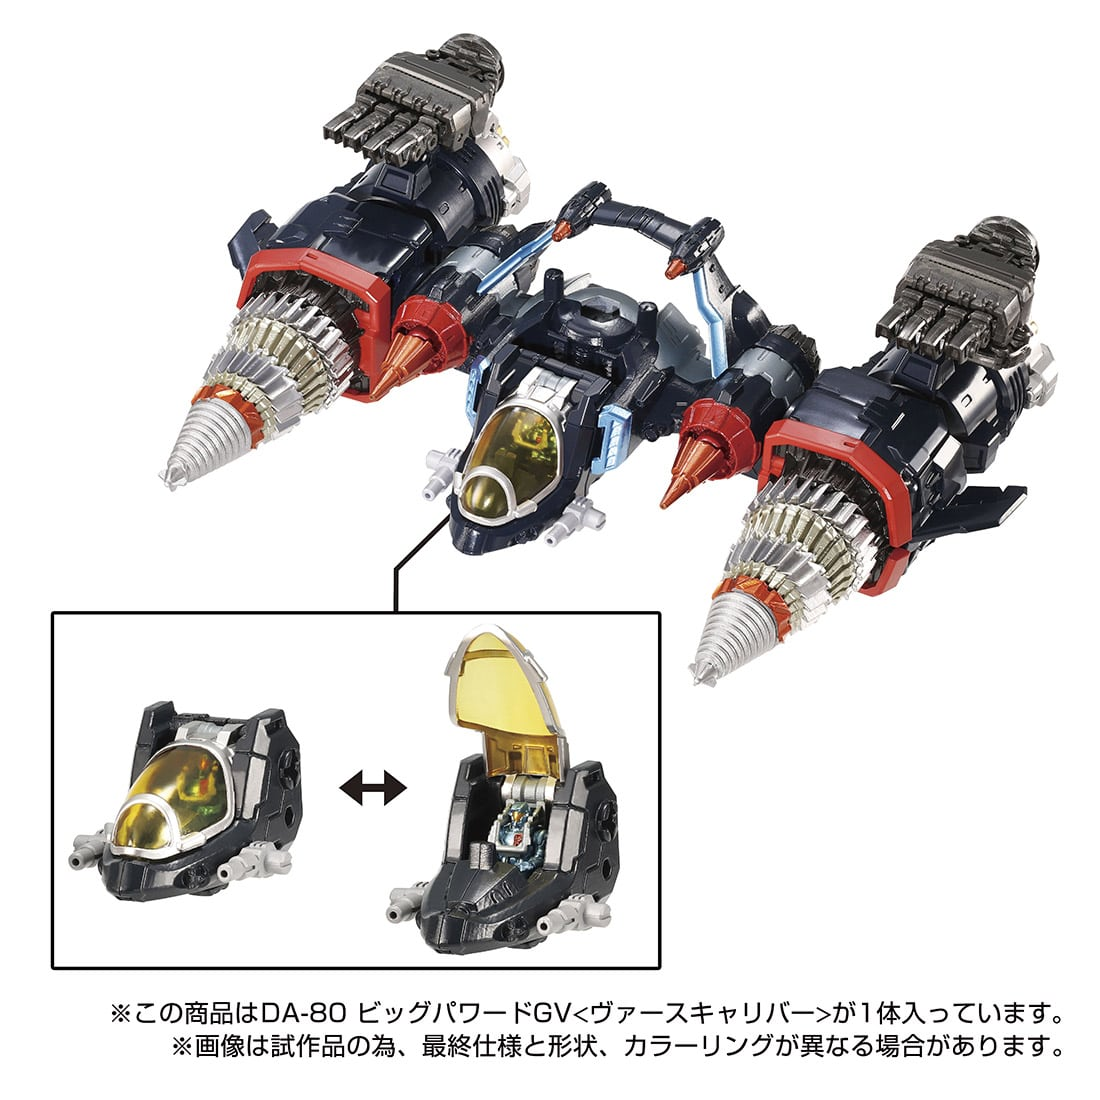 ダイアクロン『DA-80 ビッグパワードGV〈ヴァースキャリバー〉』可変可動フィギュア-003